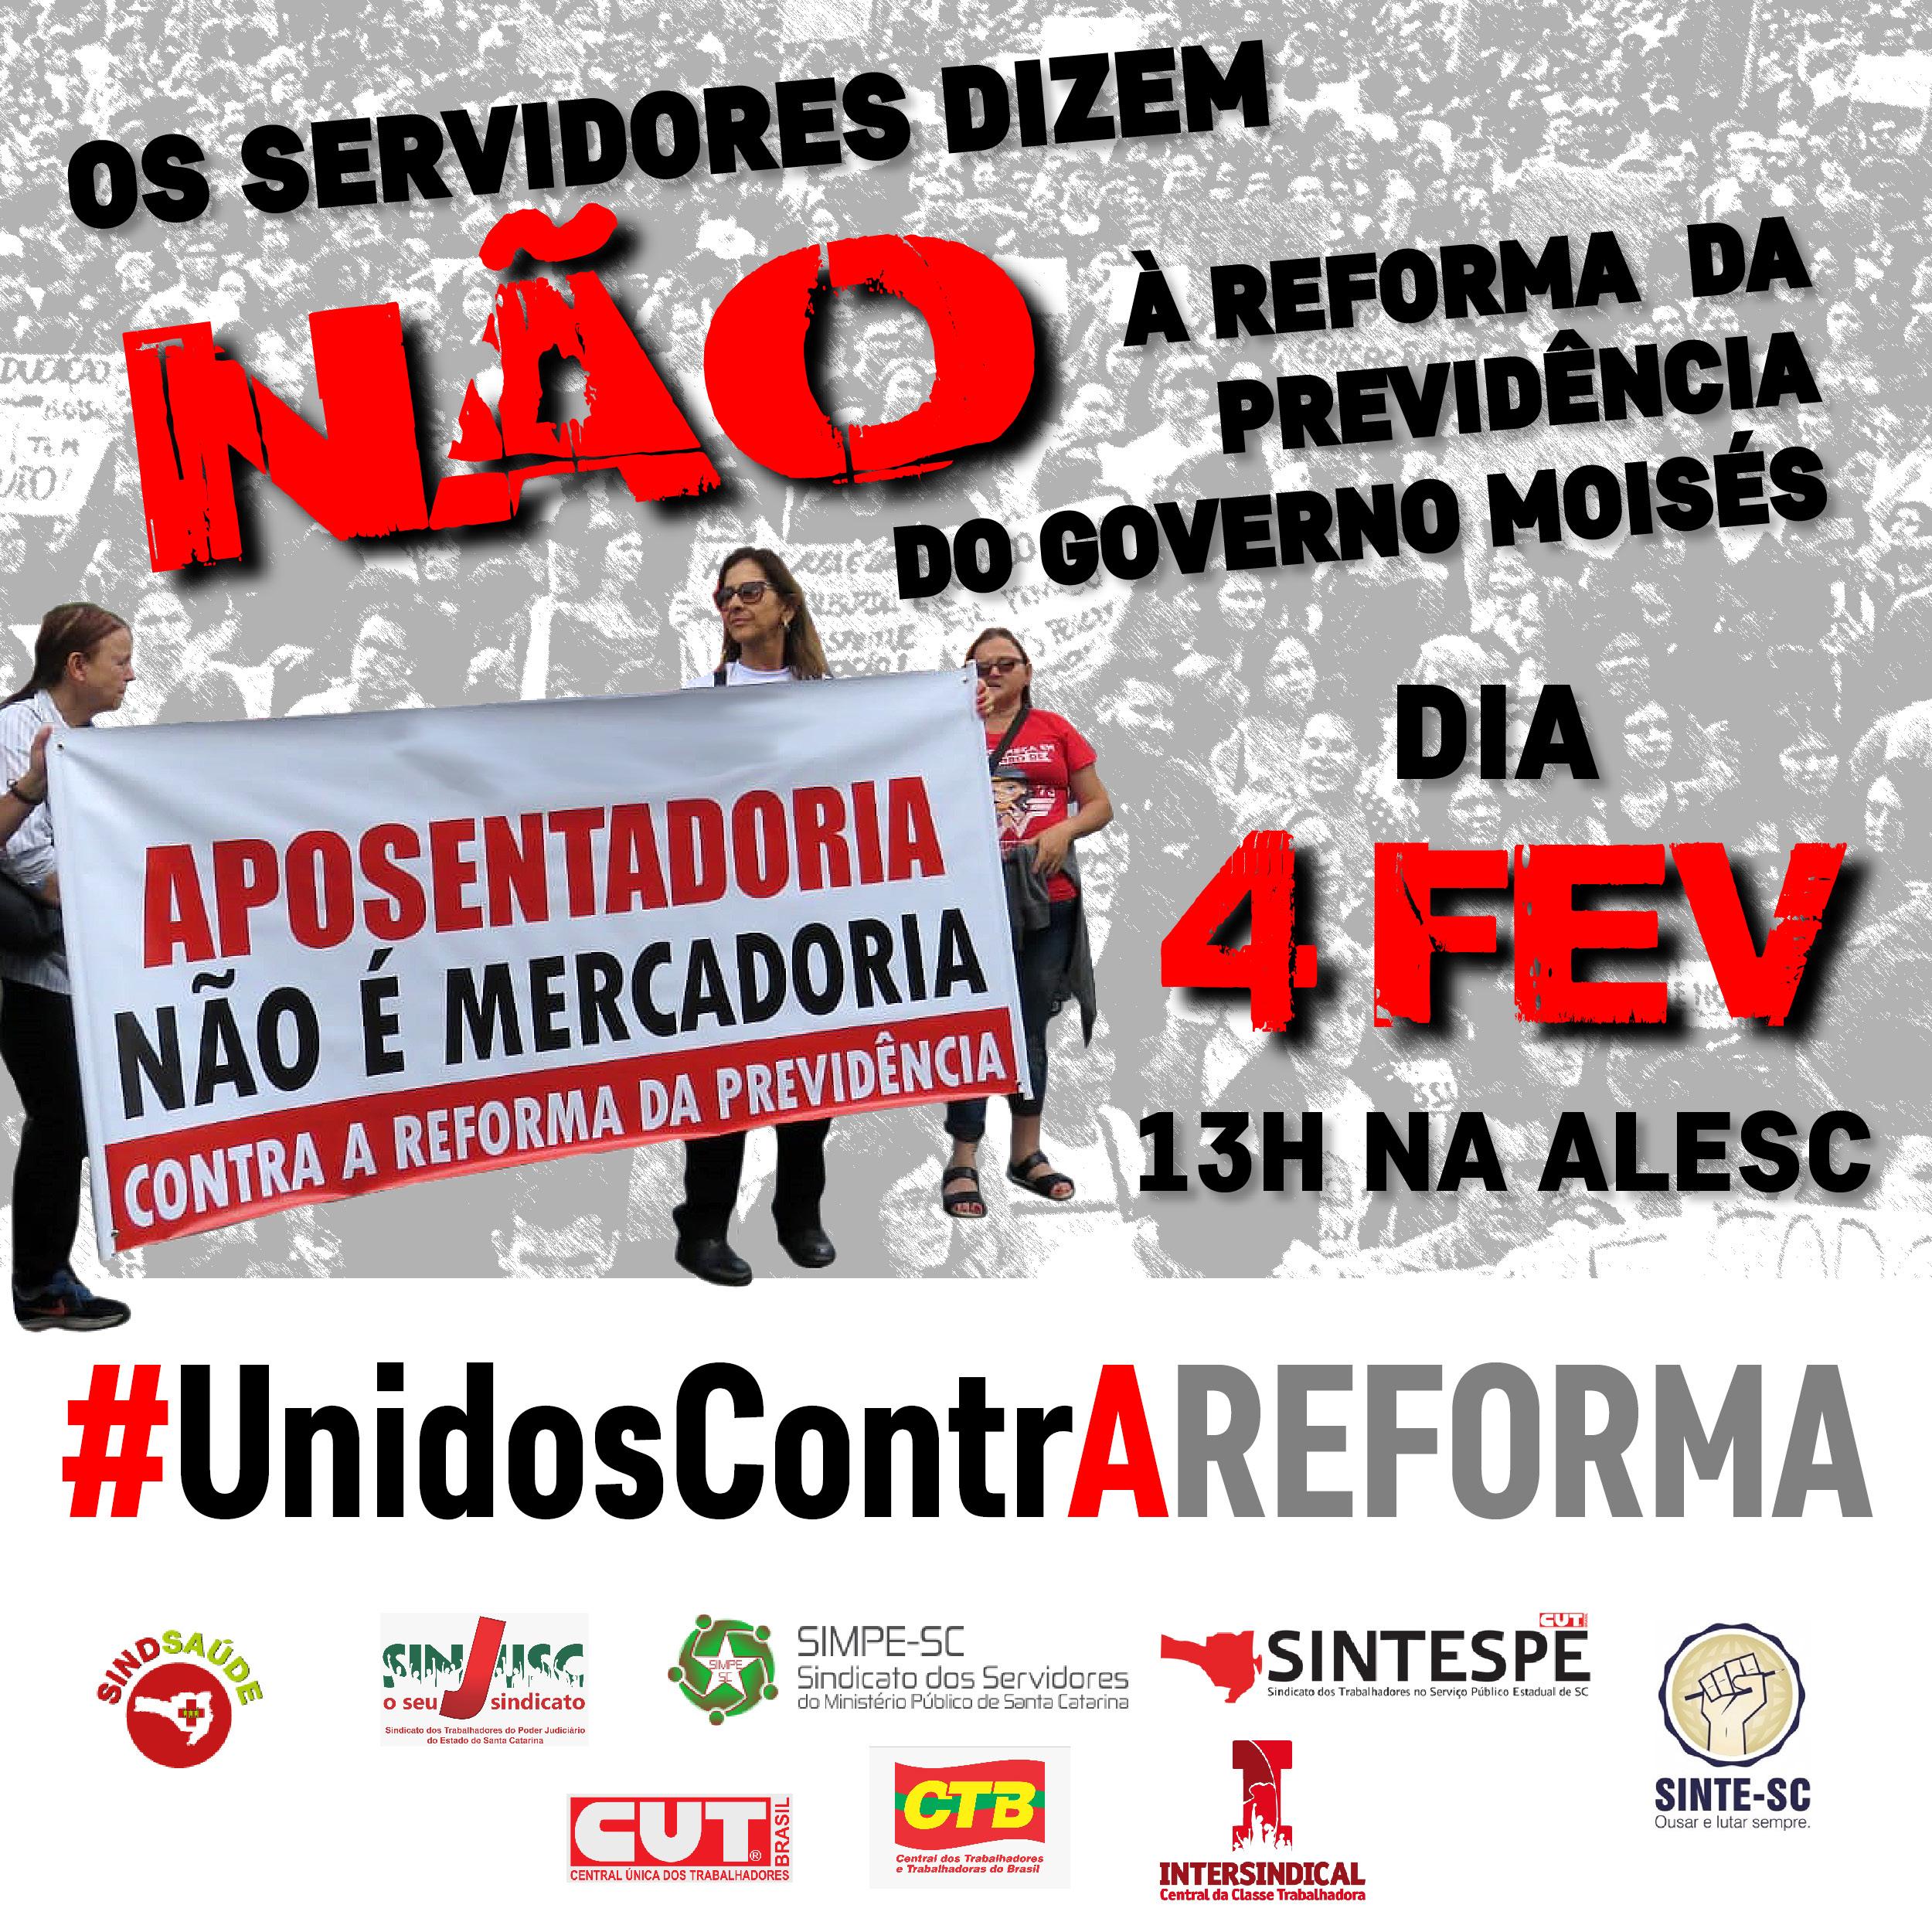 Unidos Contra a Reforma